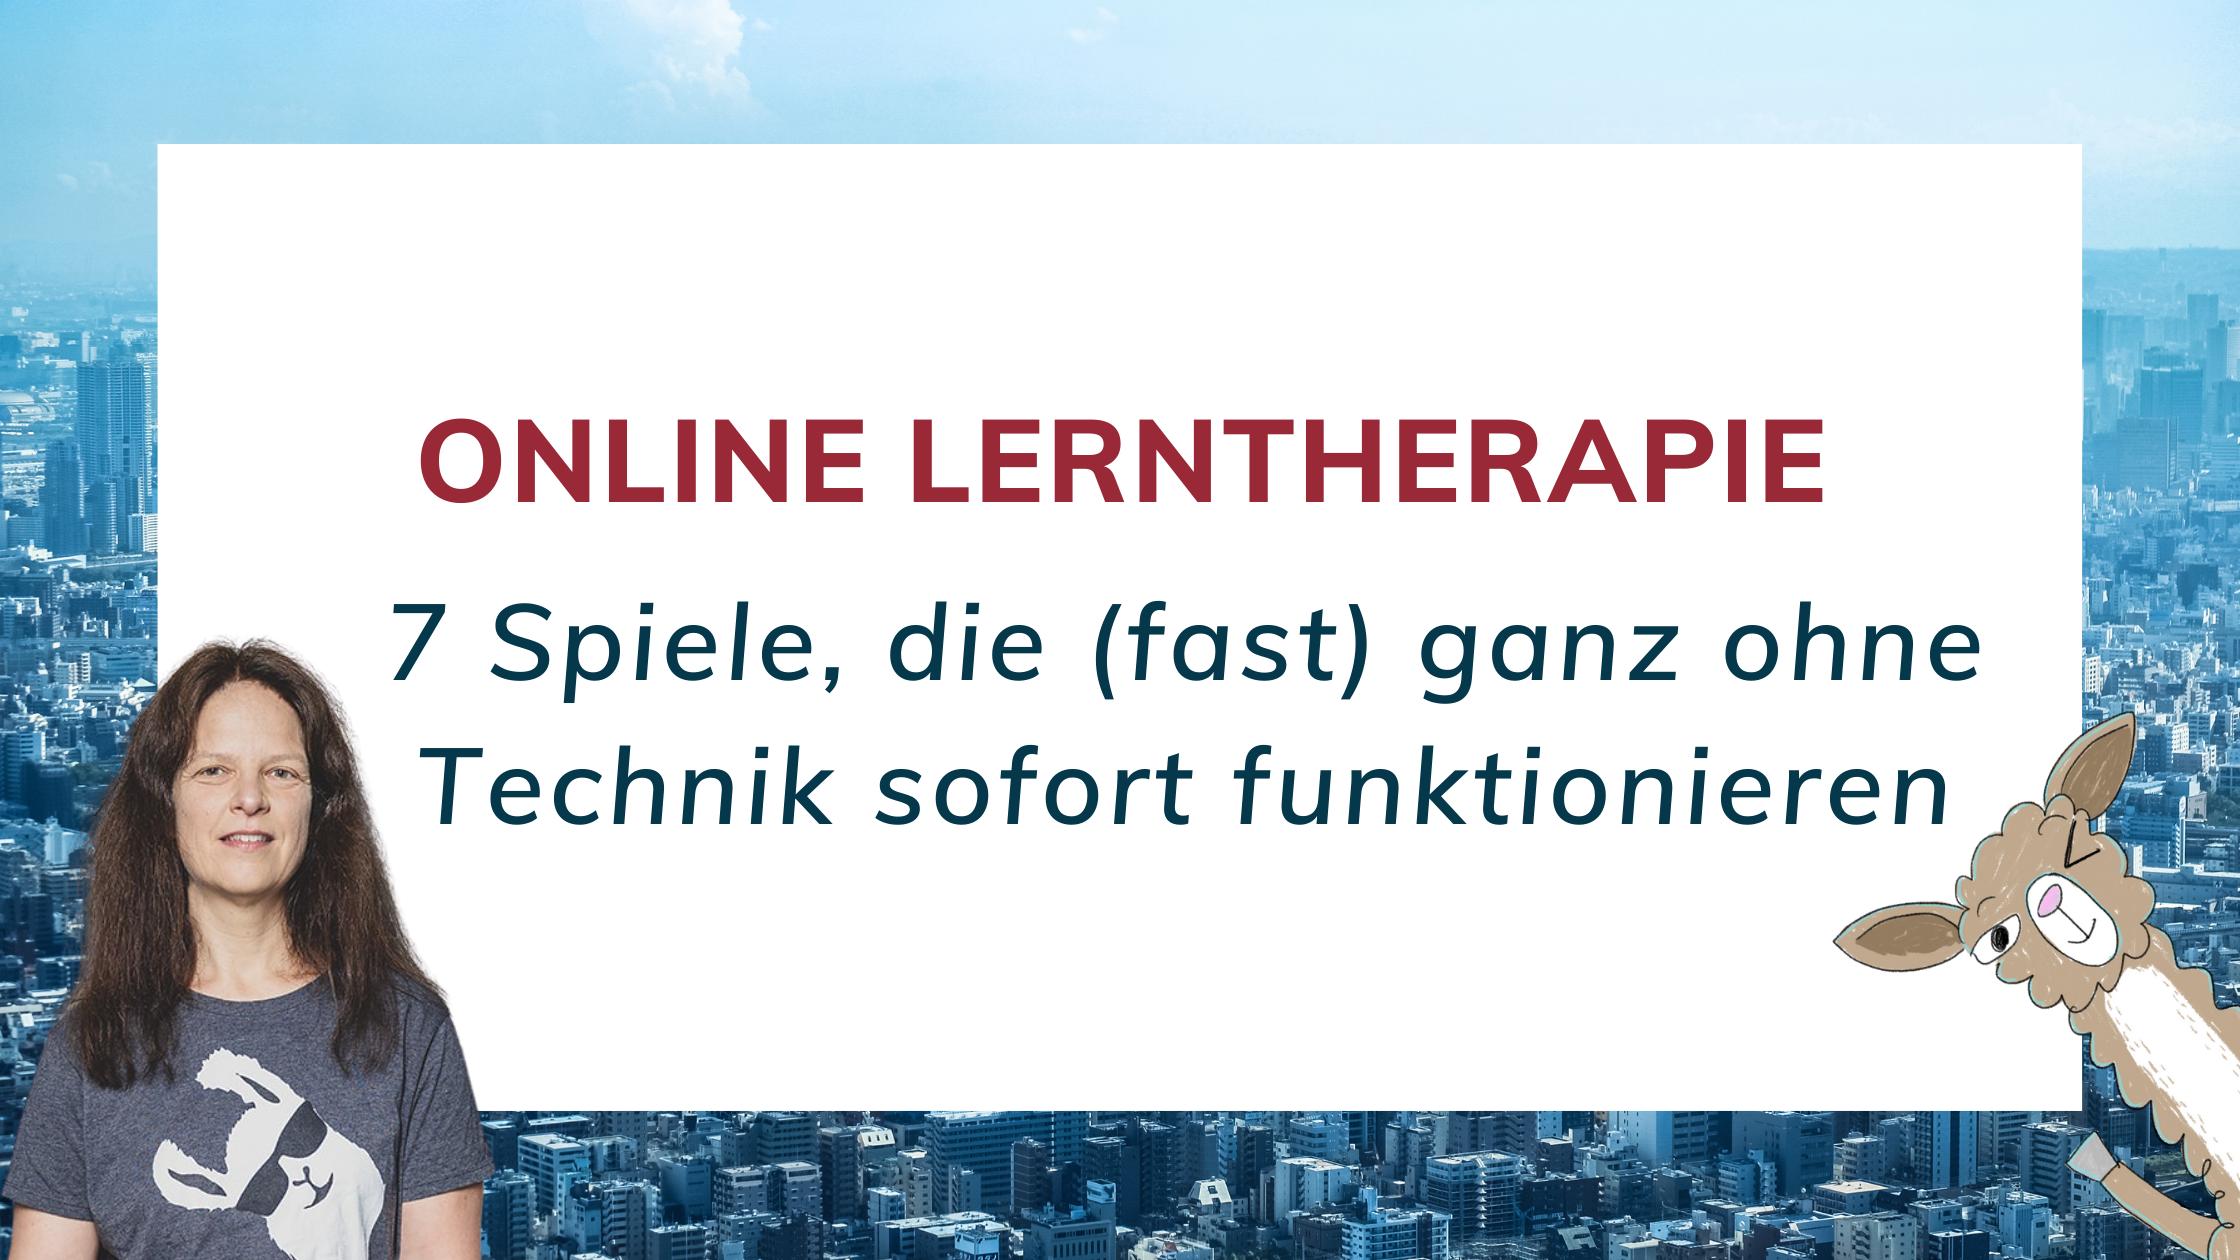 Spiele in der Online Lerntherapie